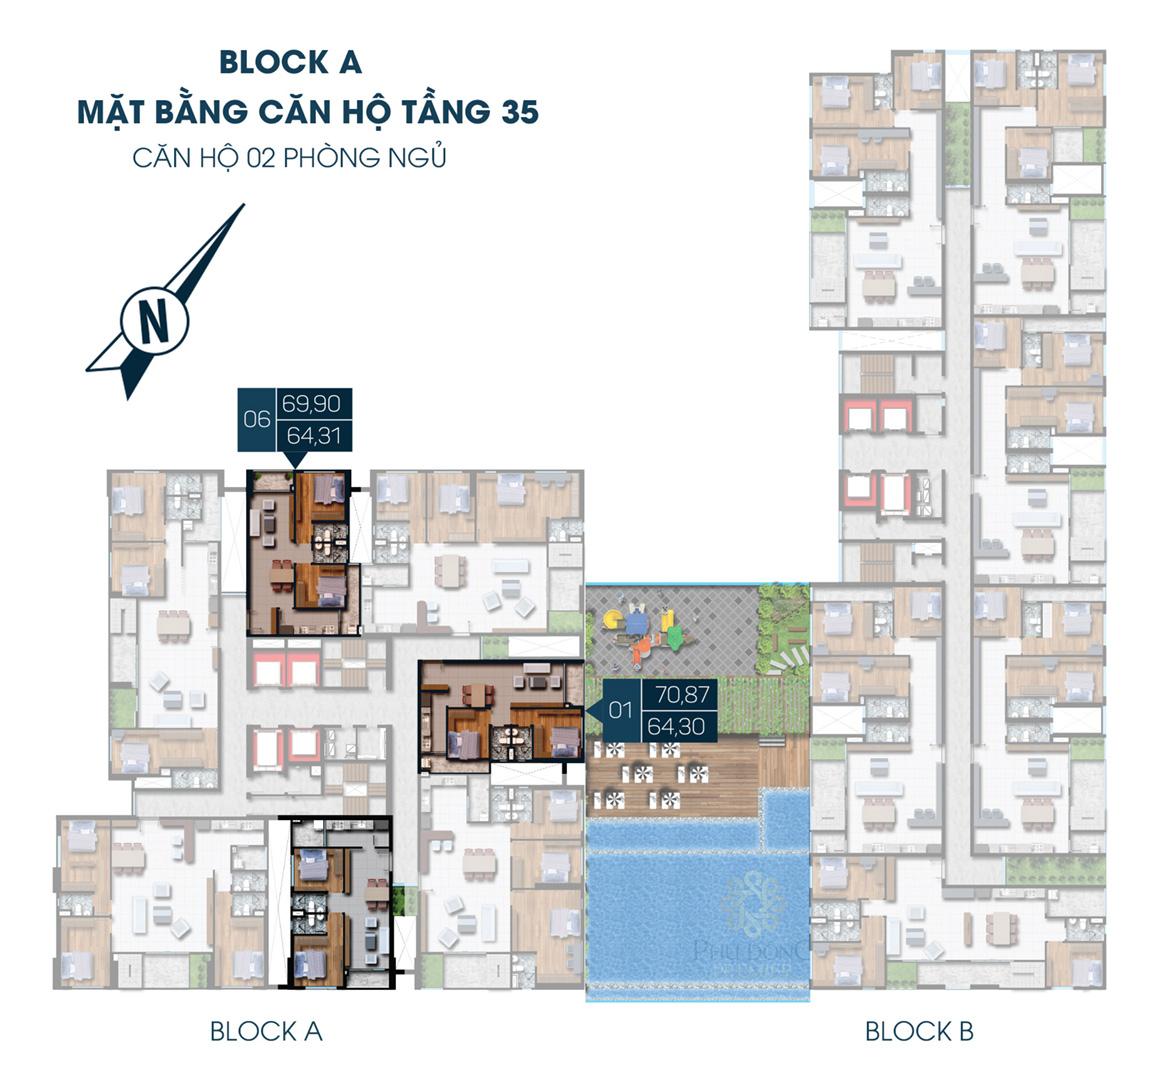 MB Block A Tầng 35 dự án Phú Đông Premier